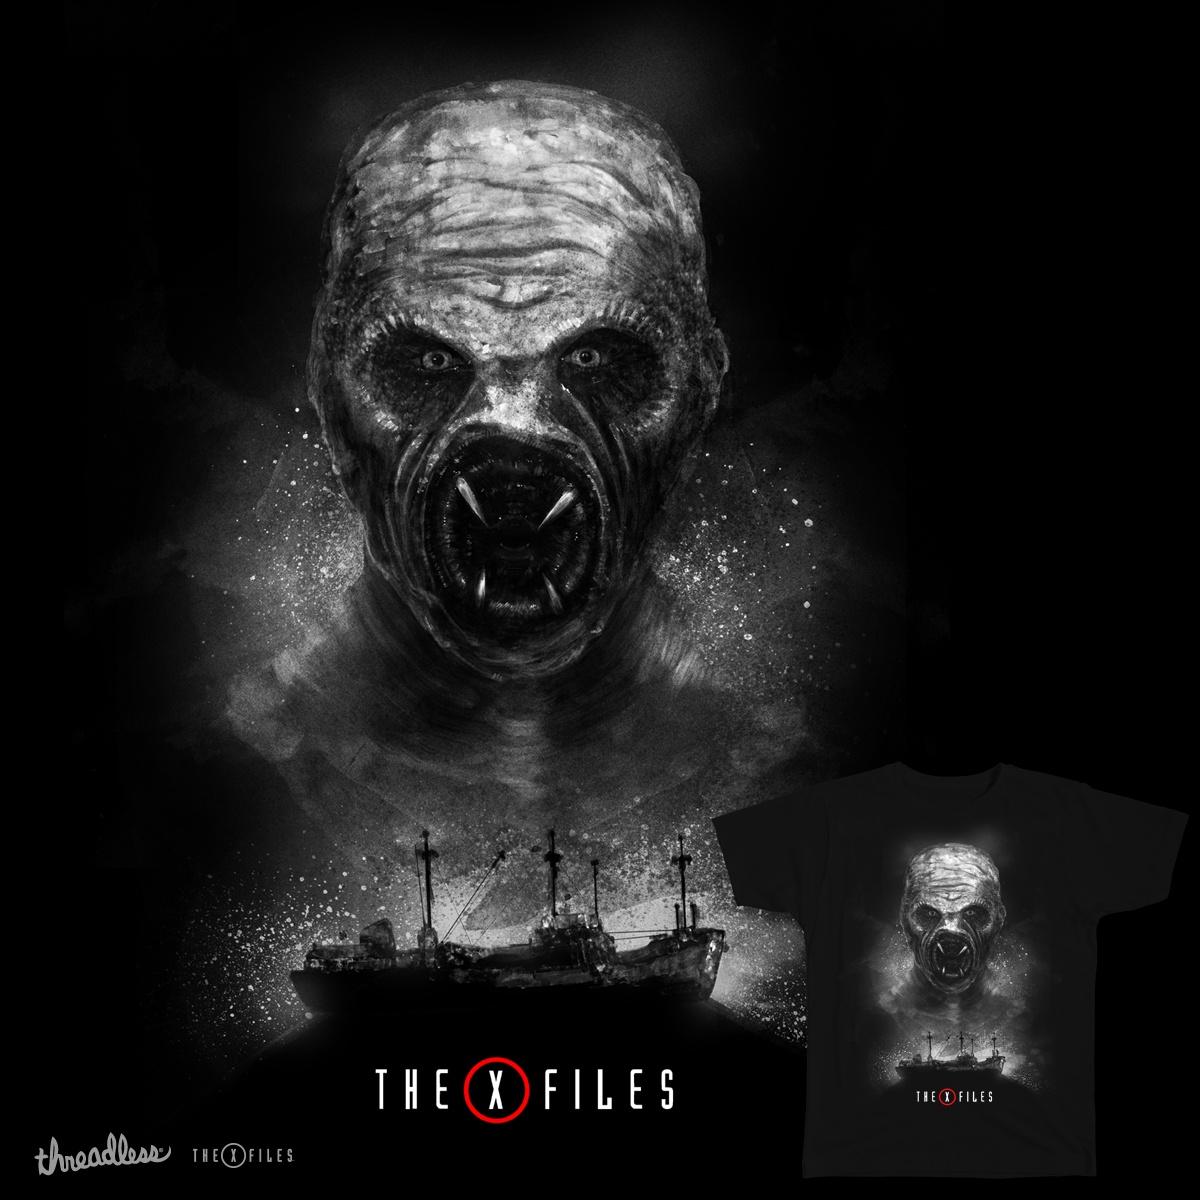 The Host, a cool t-shirt design